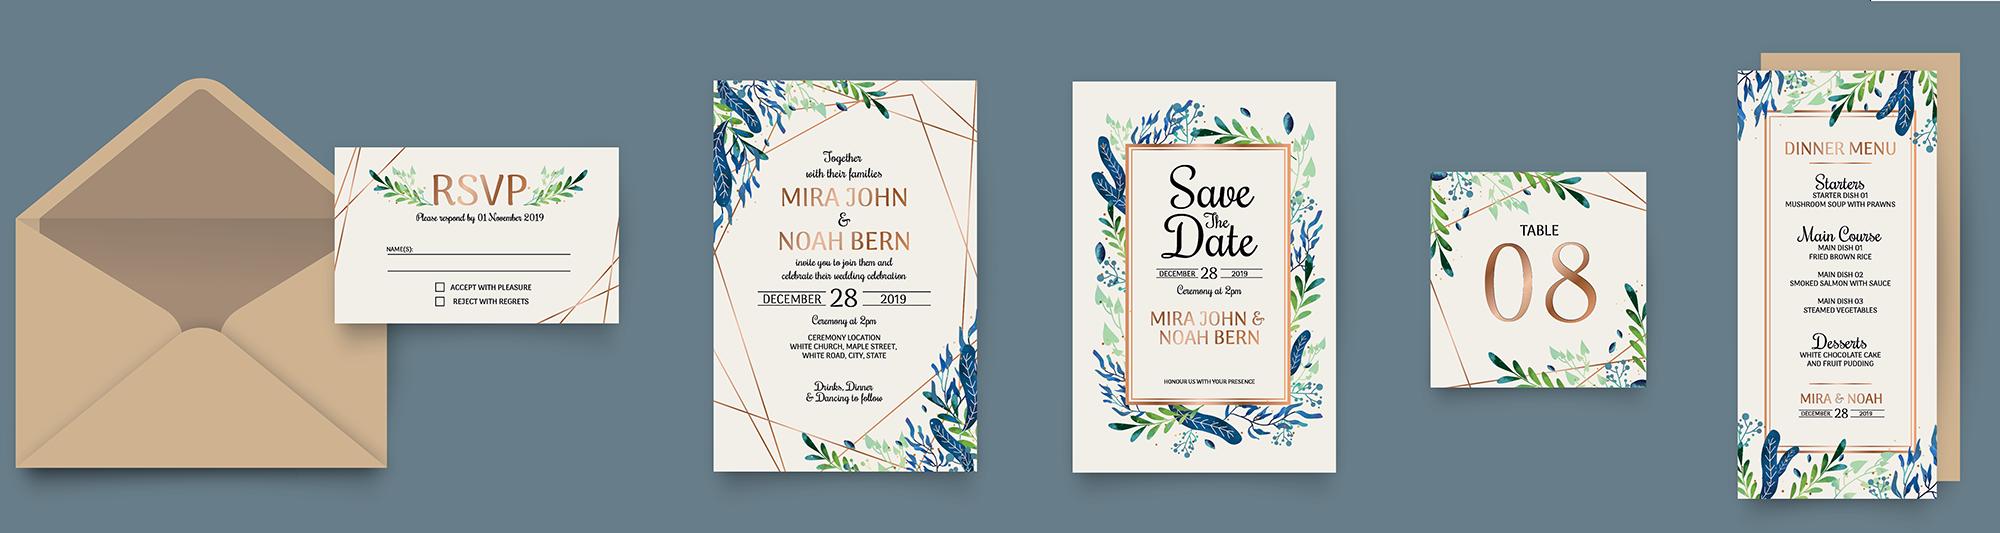 https://0901.nccdn.net/4_2/000/000/038/2d3/wedding-banner-3-2000x533.png